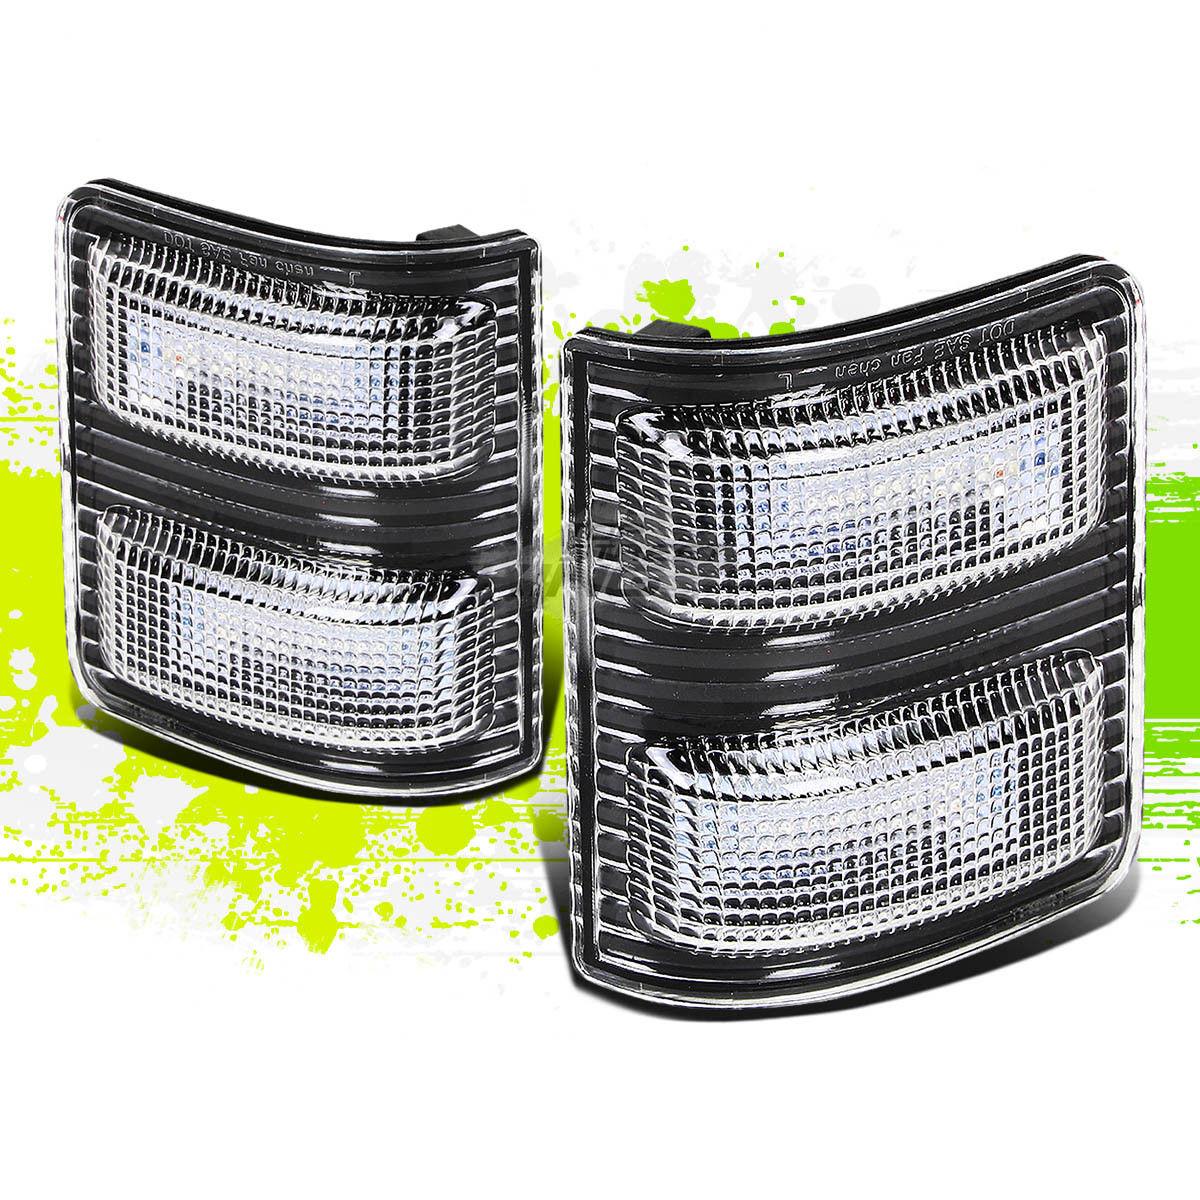 ミラー BLACK WHITE LED TOW/REAR VIEW MIRROR TURN SIGNAL LIGHT FOR 08-16 FORD SUPERDUTY ブラックホワイトLED TOW / REAR VIEW鏡面灯信号灯08-16フォードスーパーライト